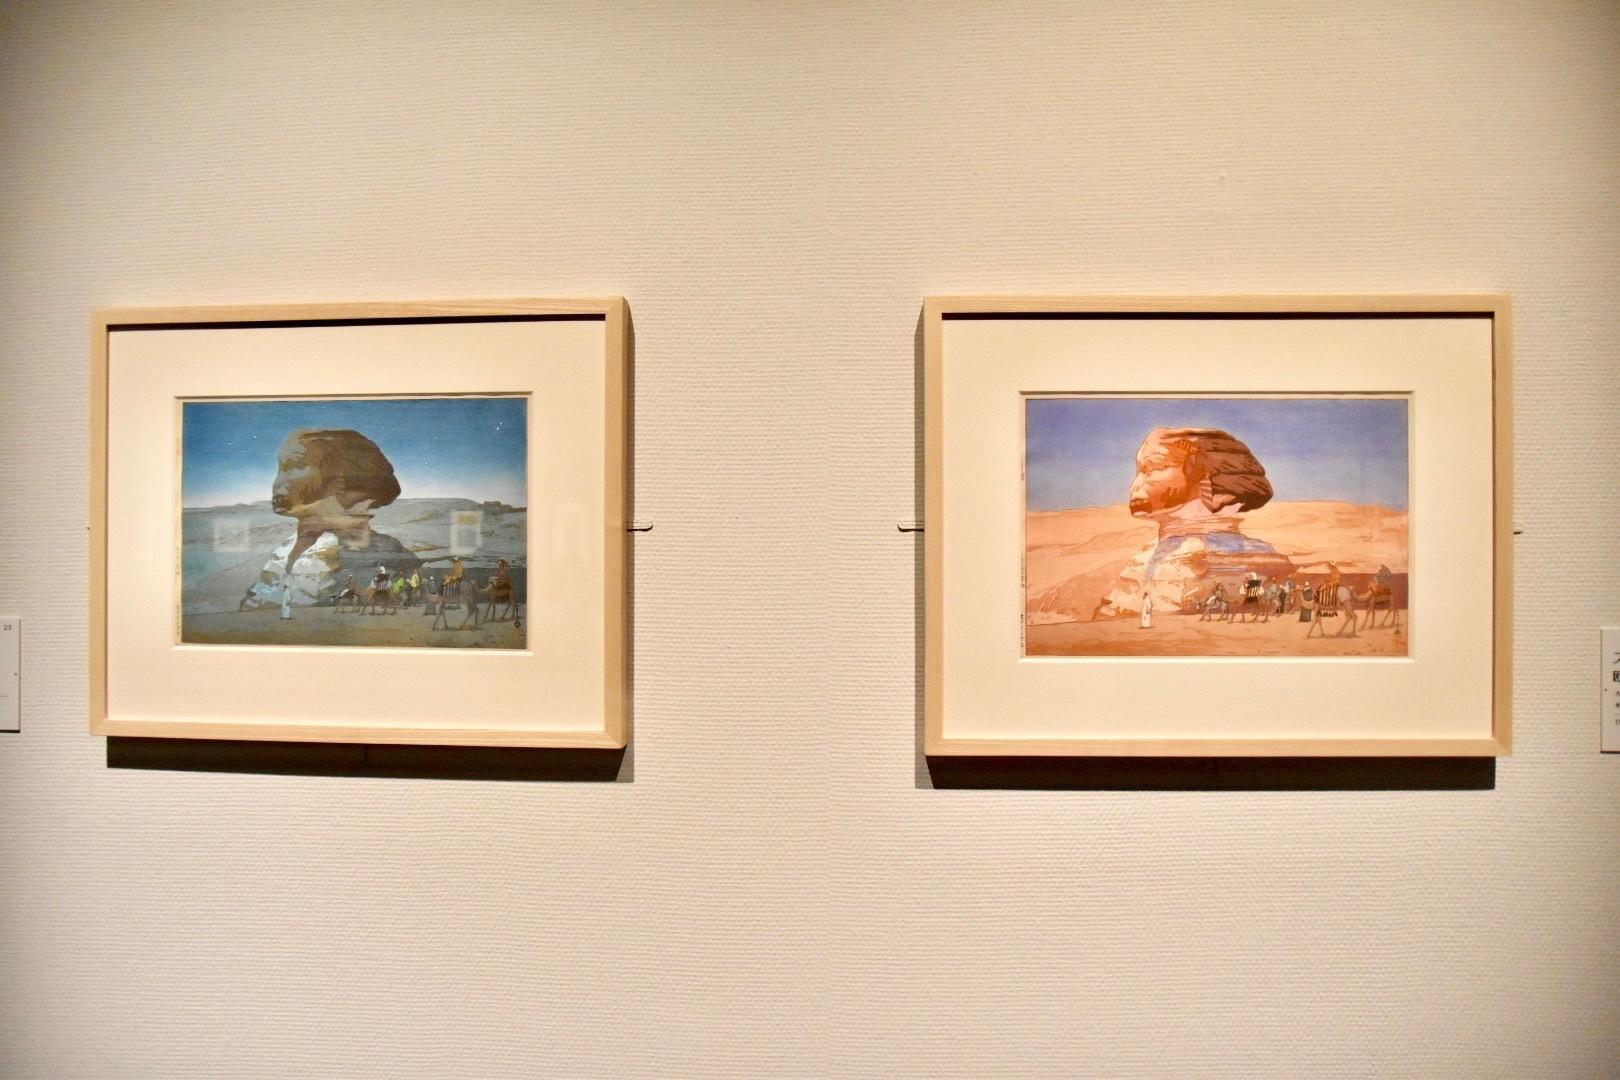 『欧州シリーズ』より 左:《スフィンクス 夜》1925年、右:《スフィンクス》1925年